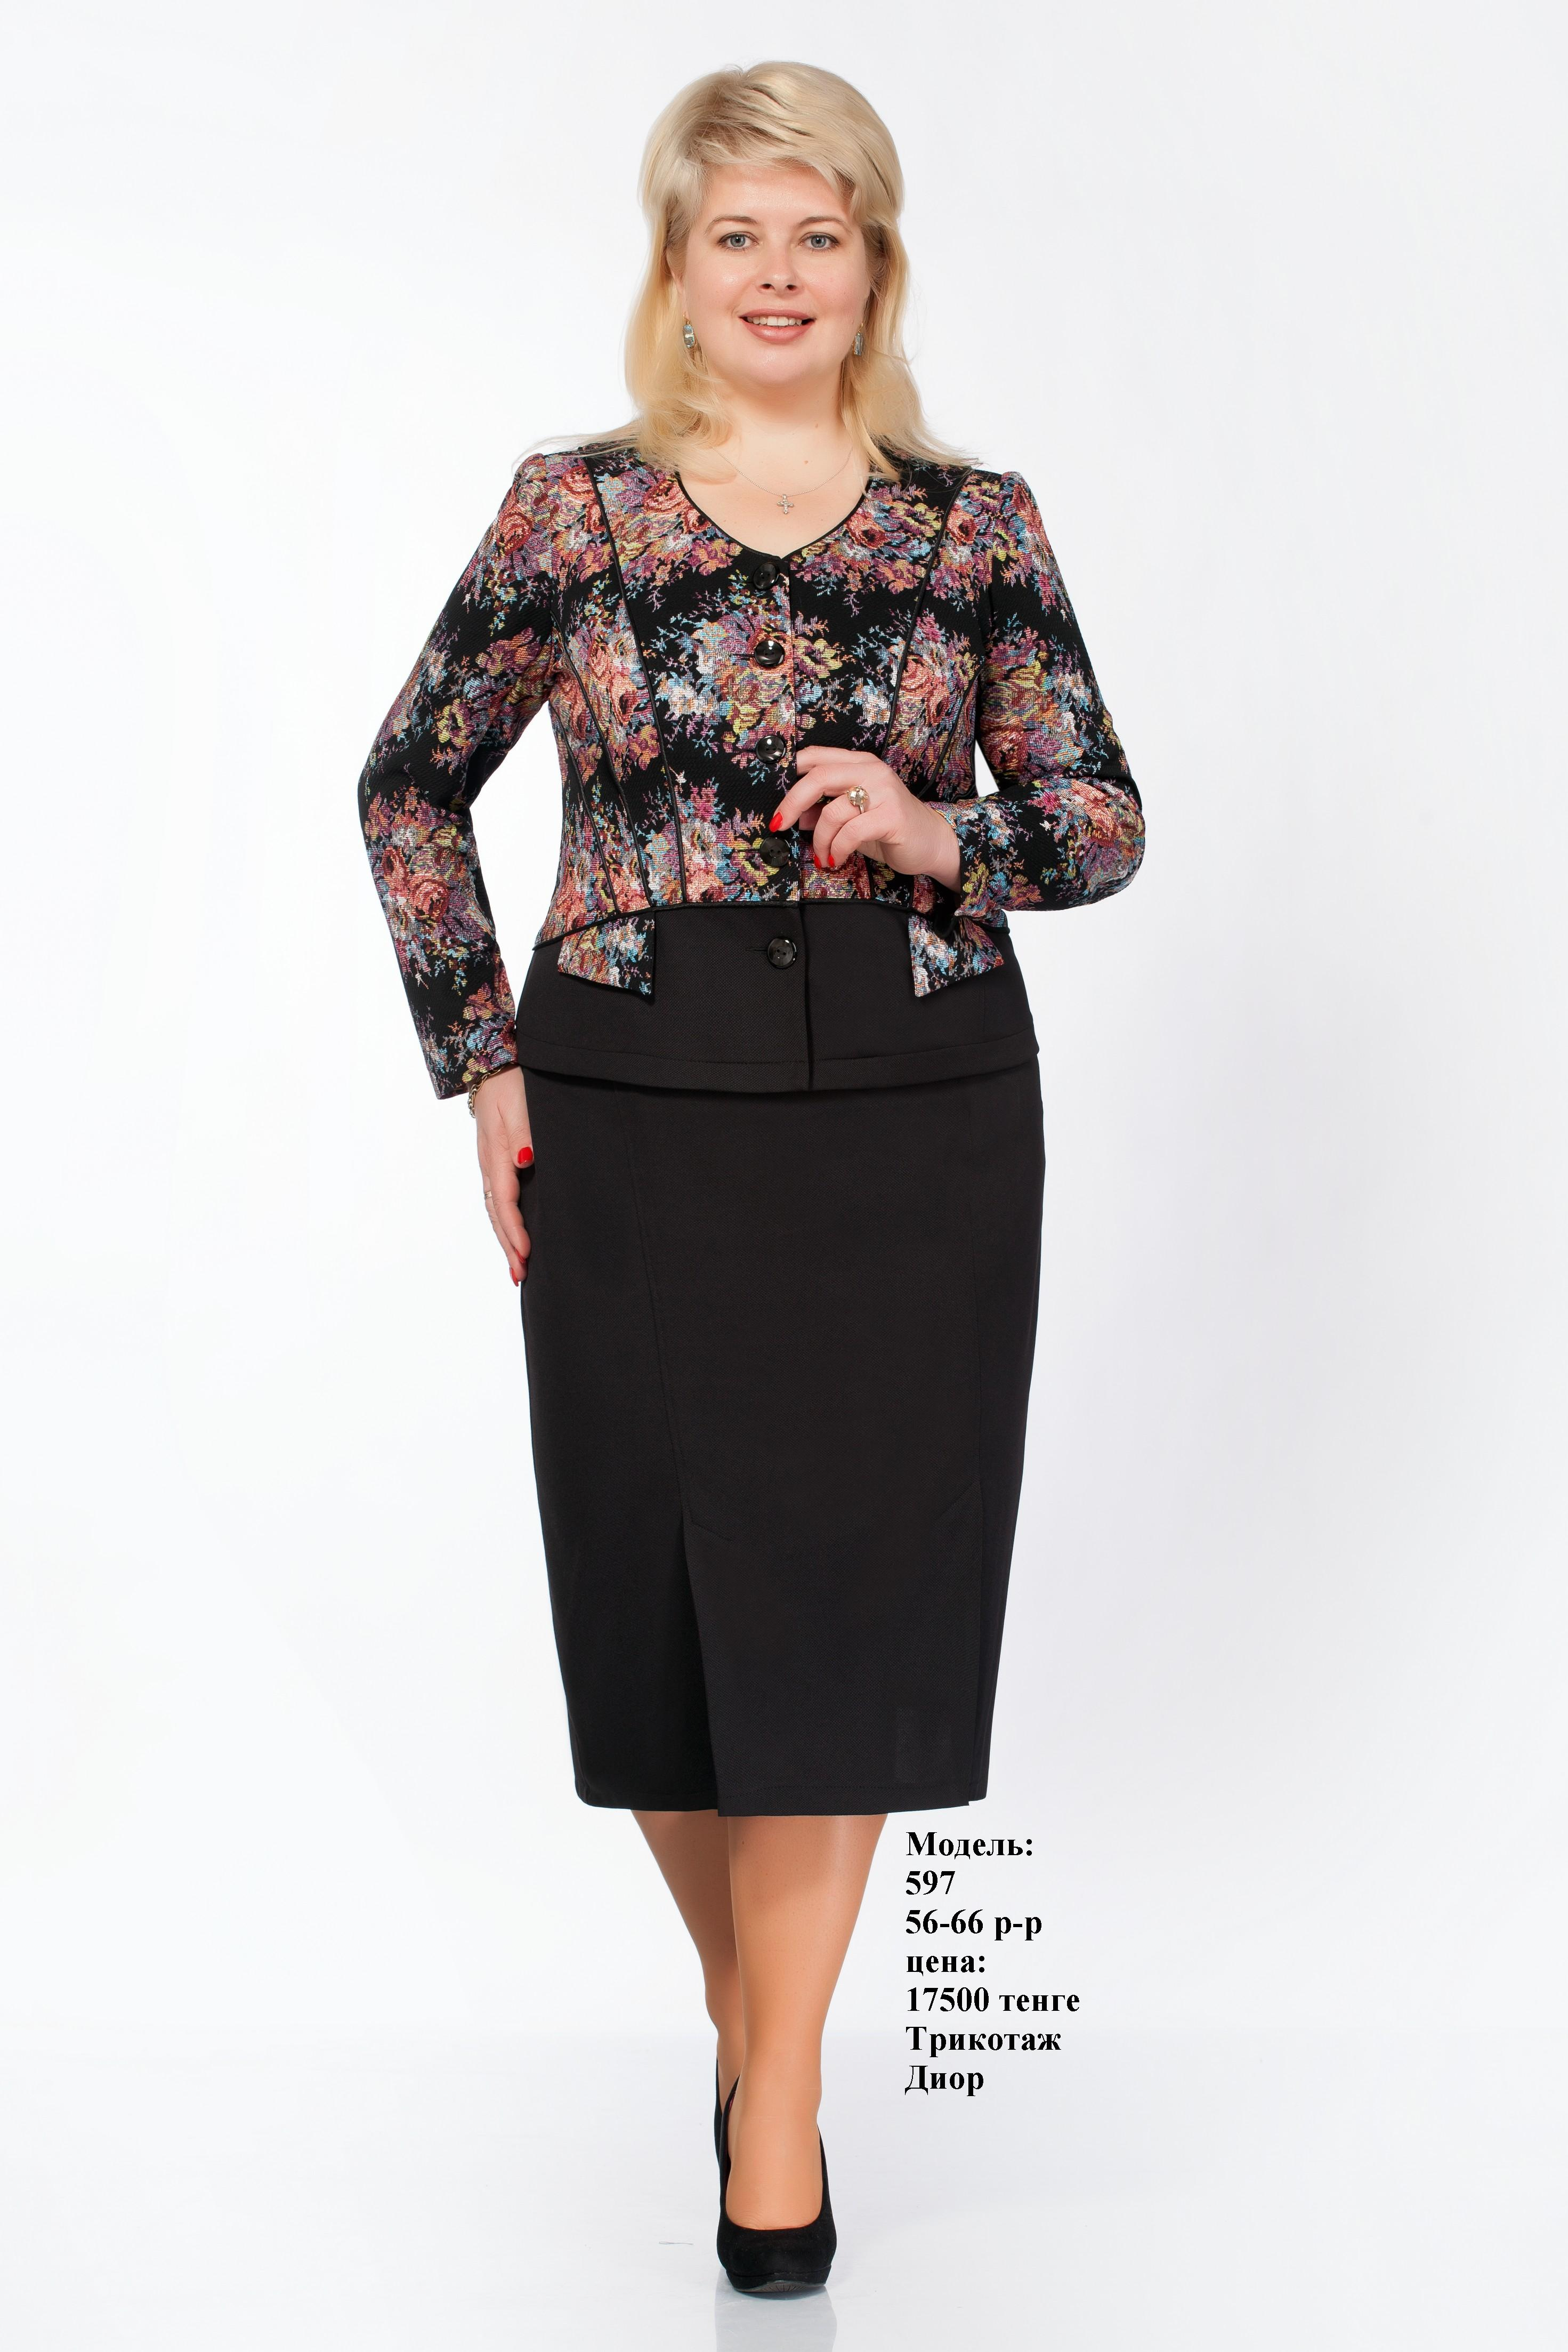 Одежда Дешево Женская Почтой